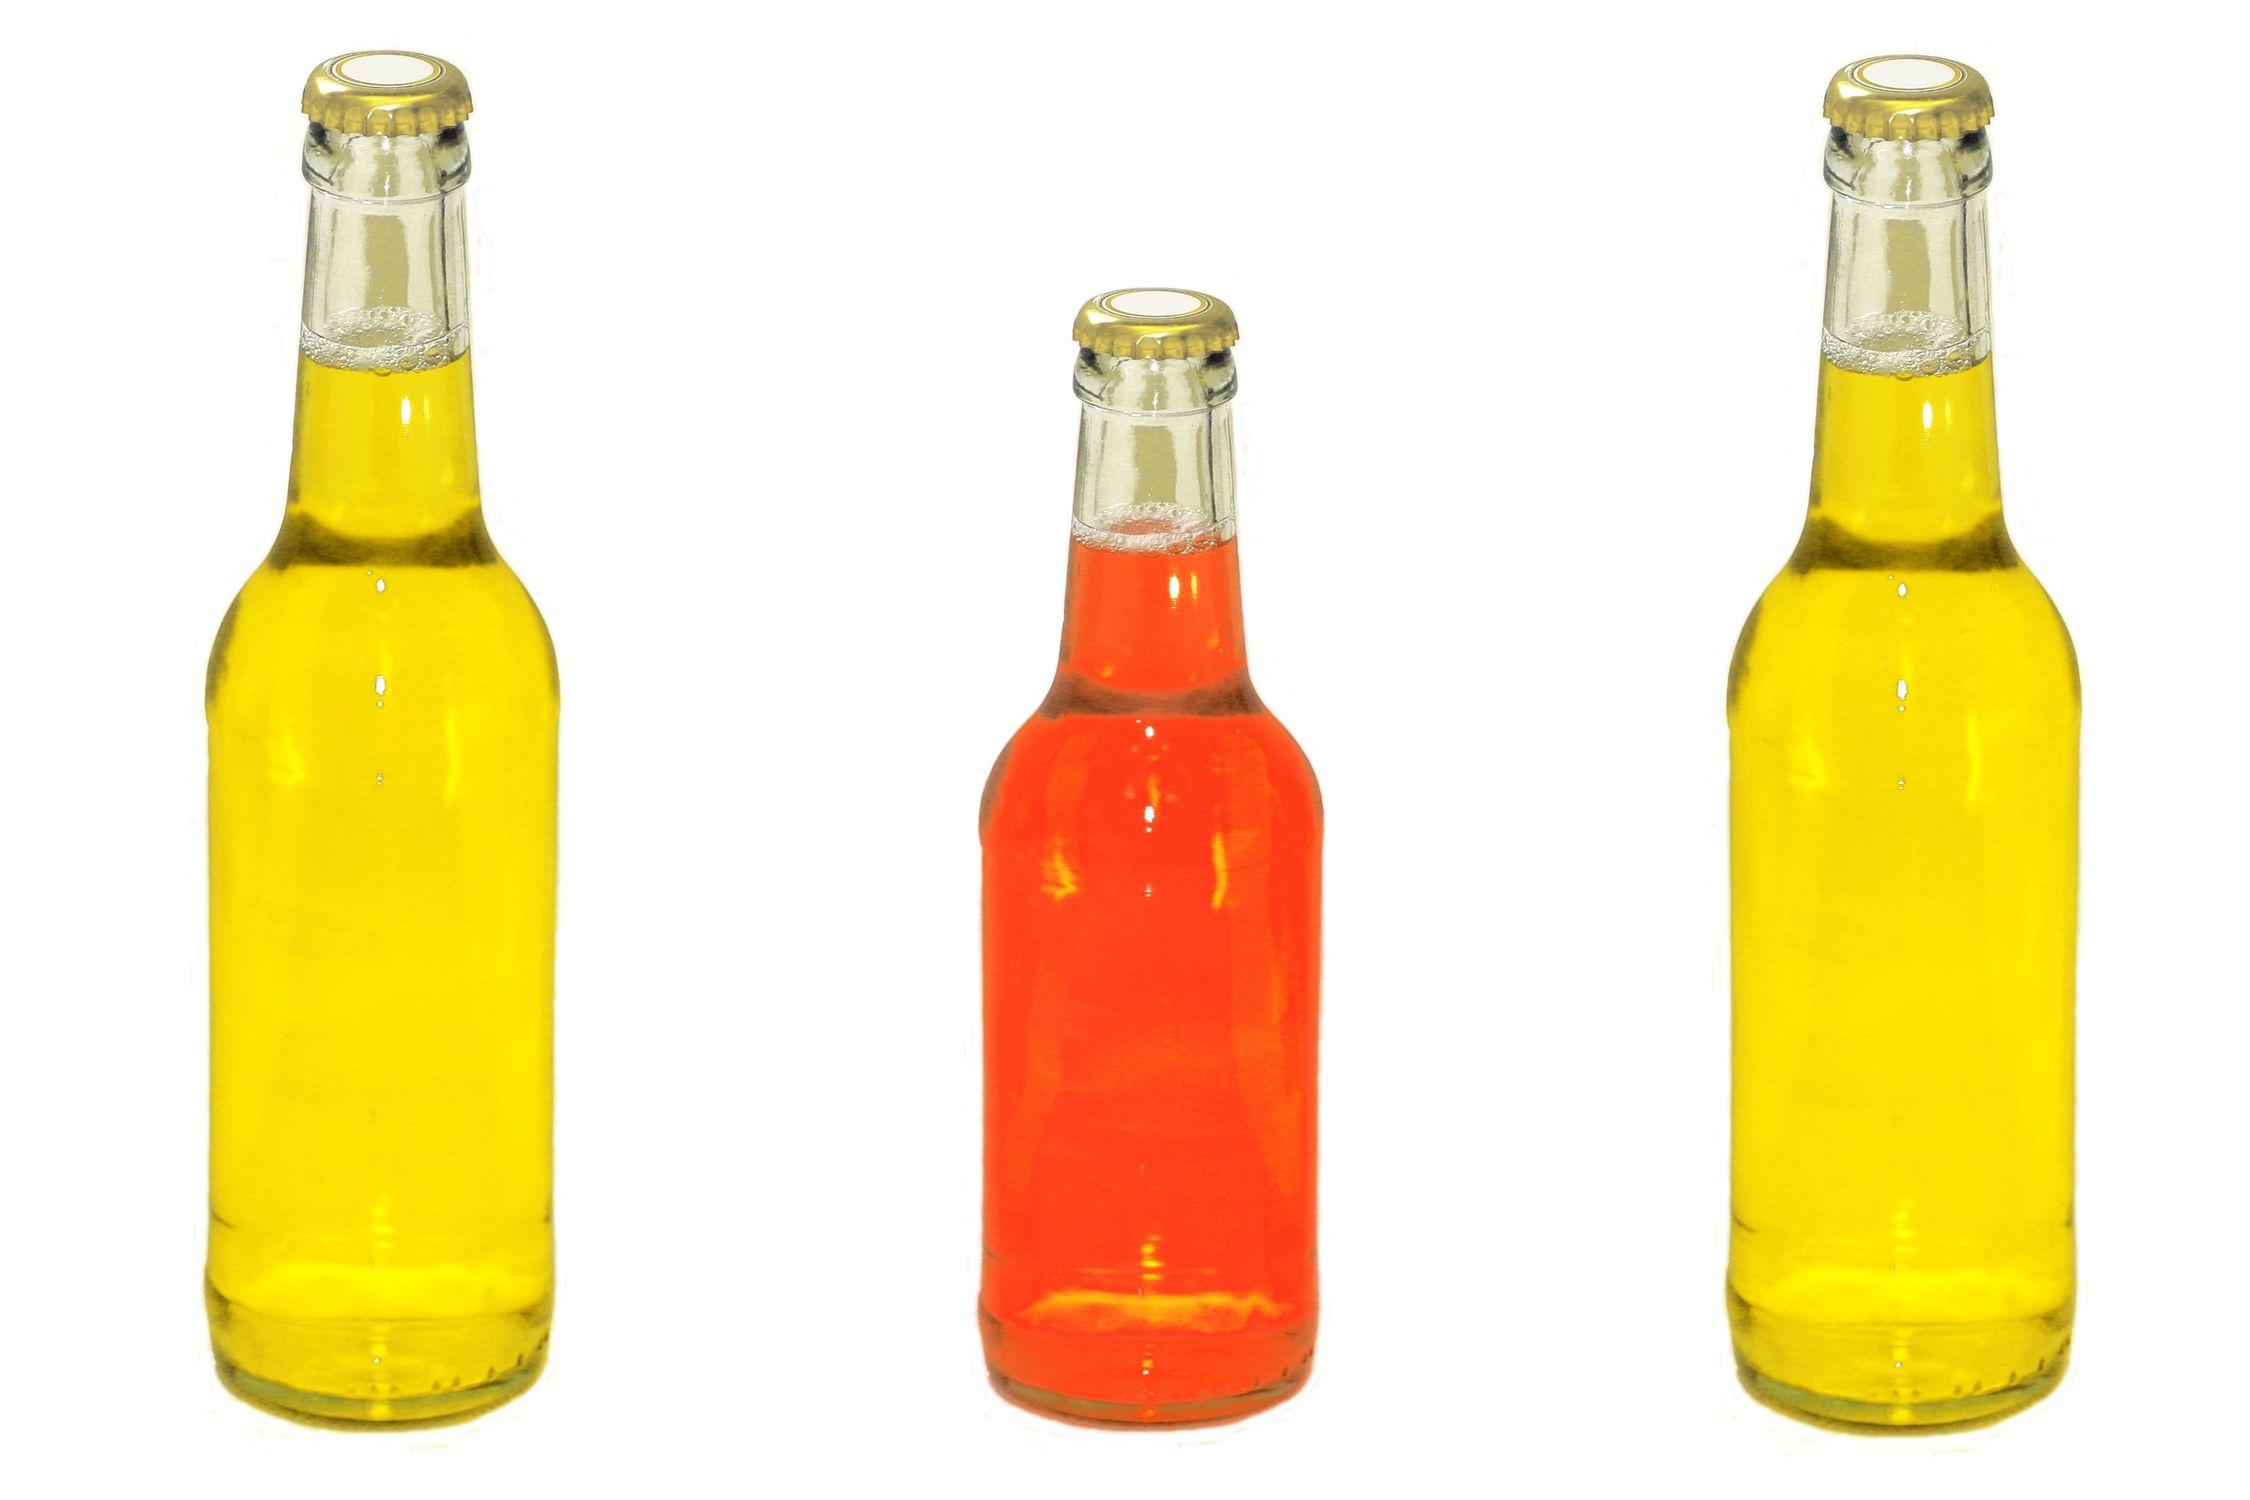 Bild mit Farben, Gelb, Gegenstände, Lebensmittel, Trinken, Getränke, Liköre, Alkohol, Flaschen, Küchenbild, Flasche, Bierflasche, Bierflaschen, gelbe Flasche, rote Flasche, Trinkflasche, Küchenbilder, Küche